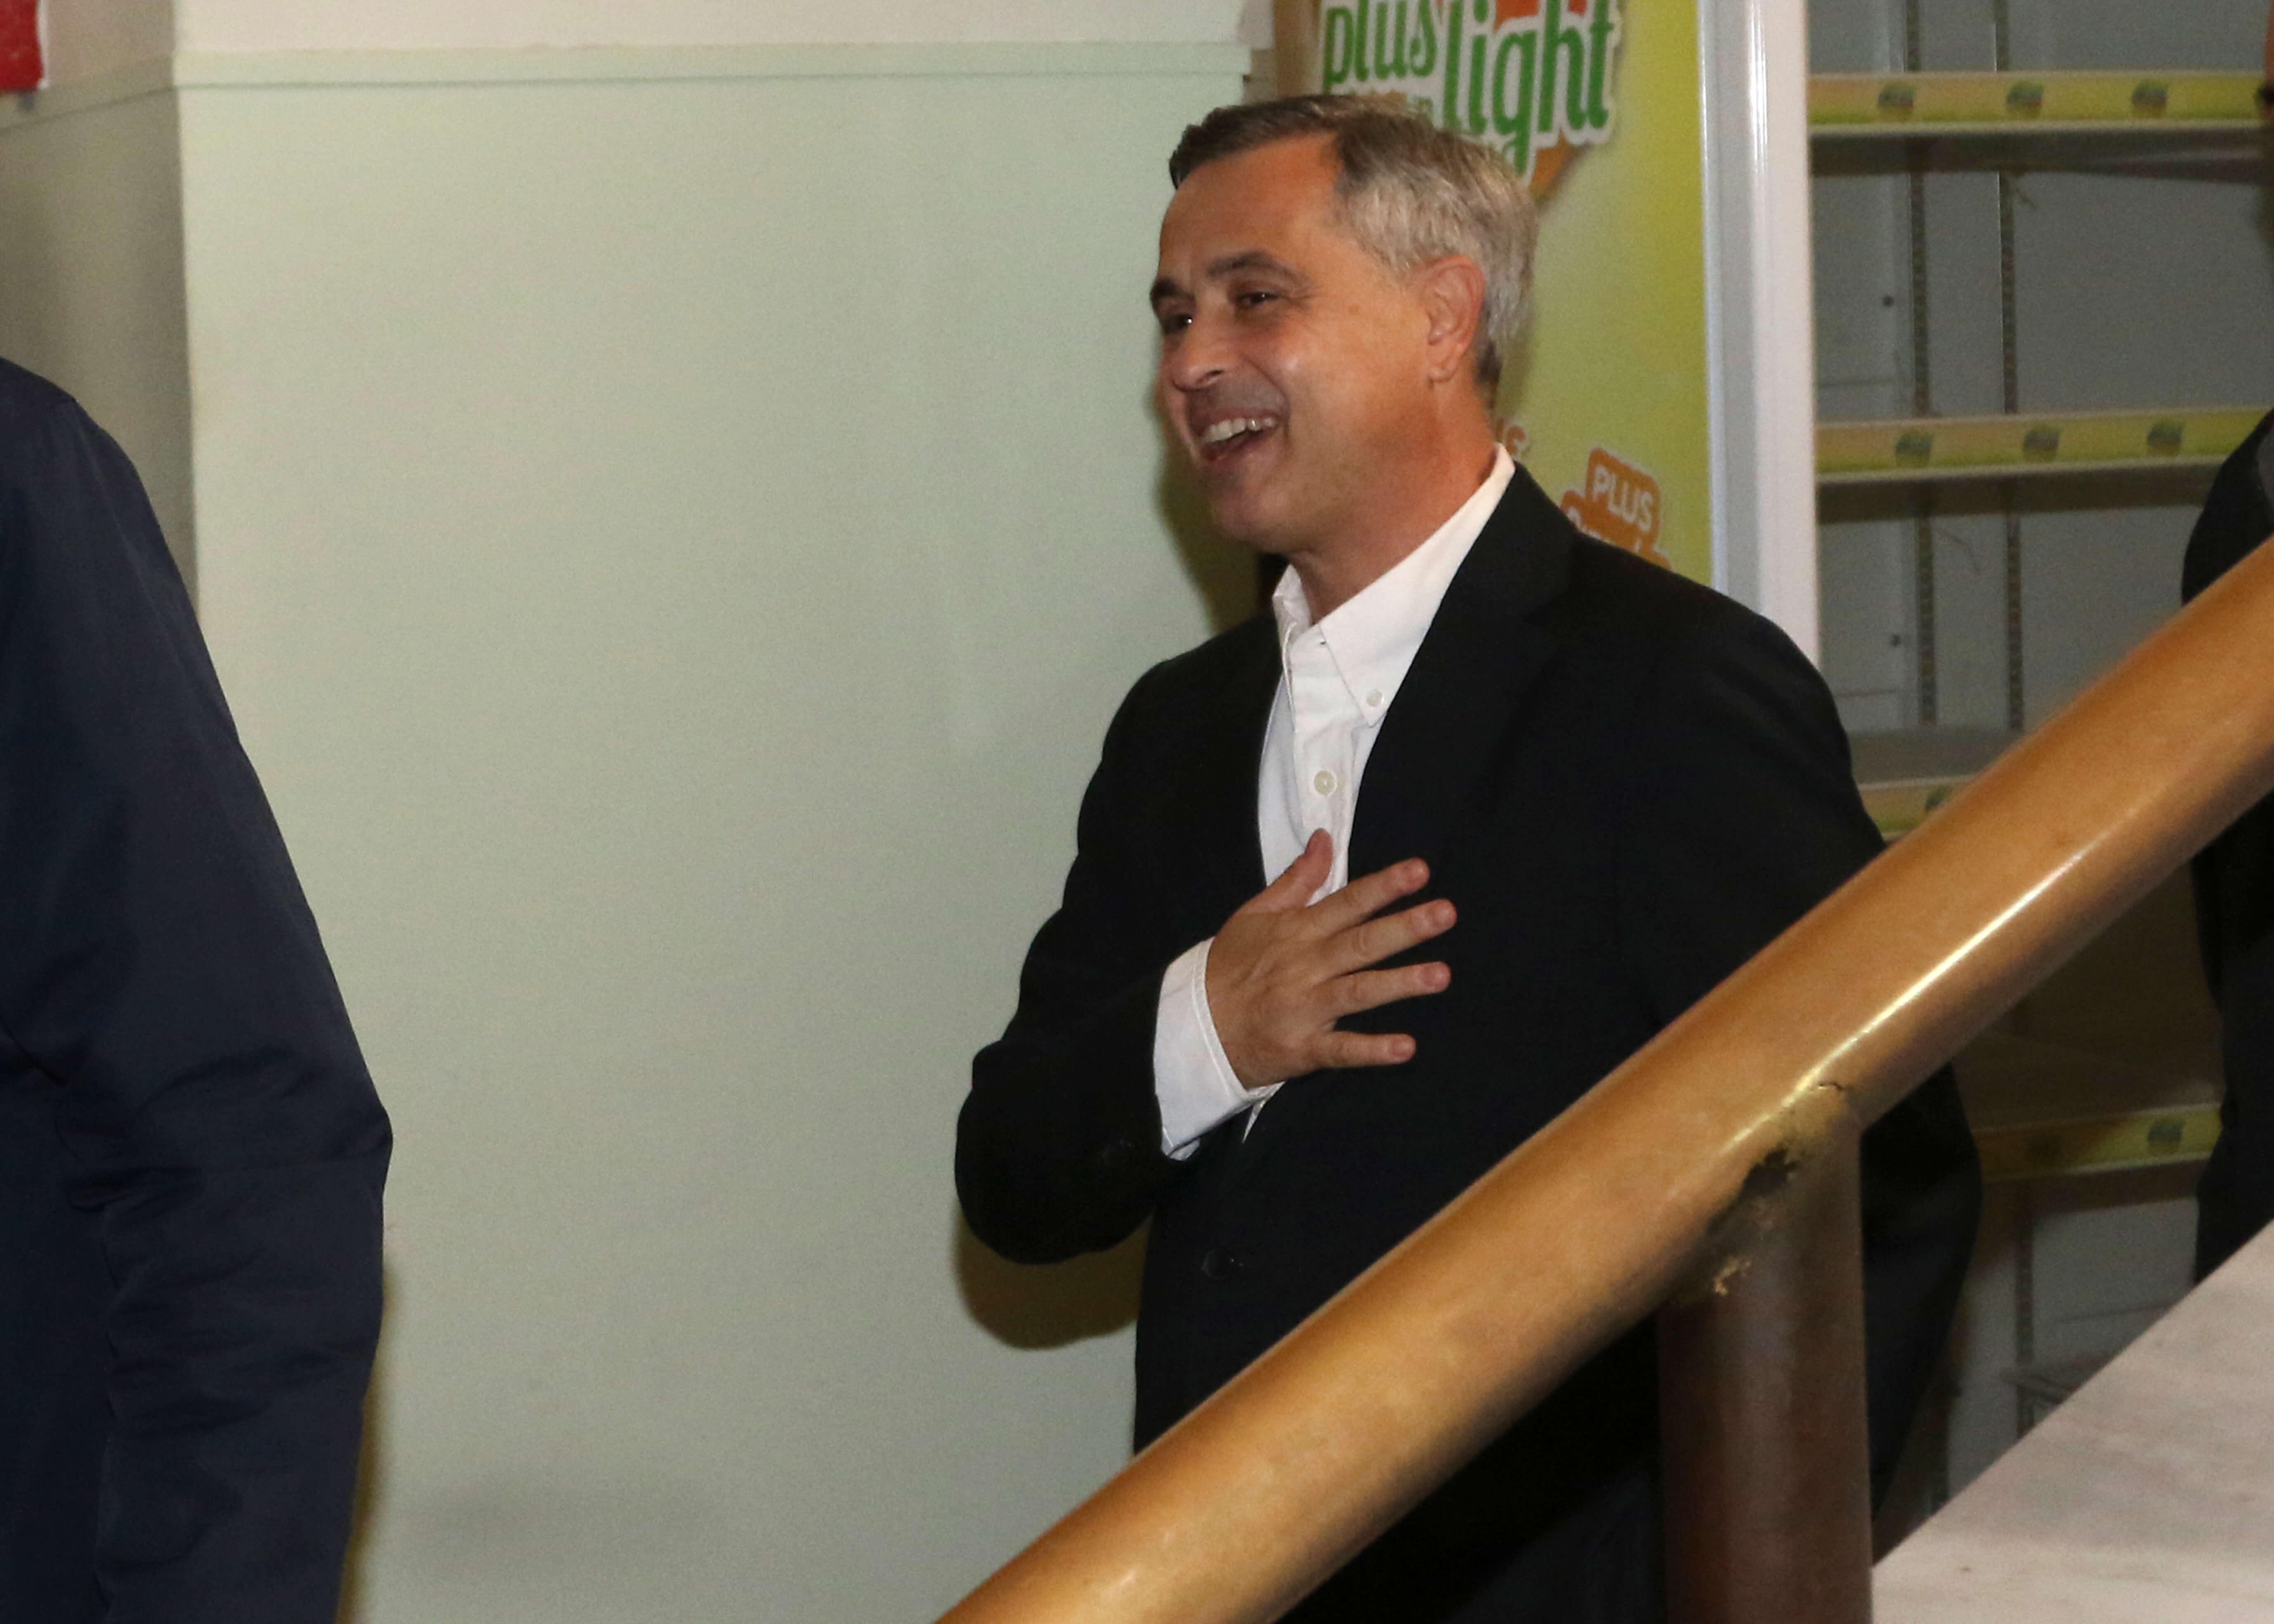 Κεχαγιόγλου: Ε όχι και κατηγορούμενος για ψευδορκία ο Μιχάλης Λεμπιδάκης!